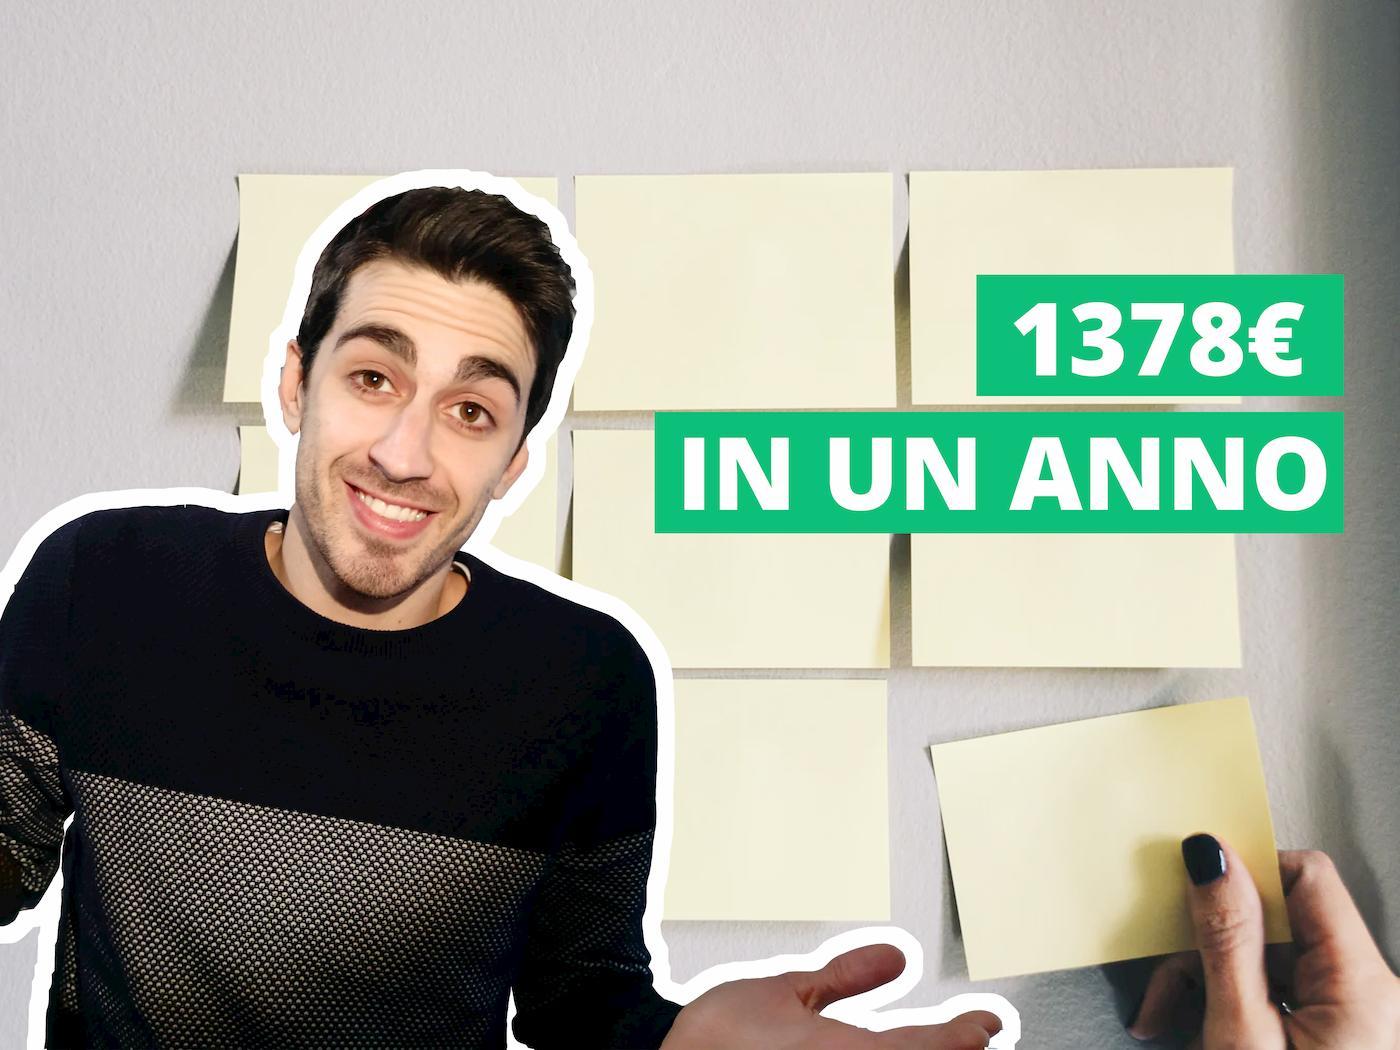 risparmiare-più-di-1000-euro-in-un-anno